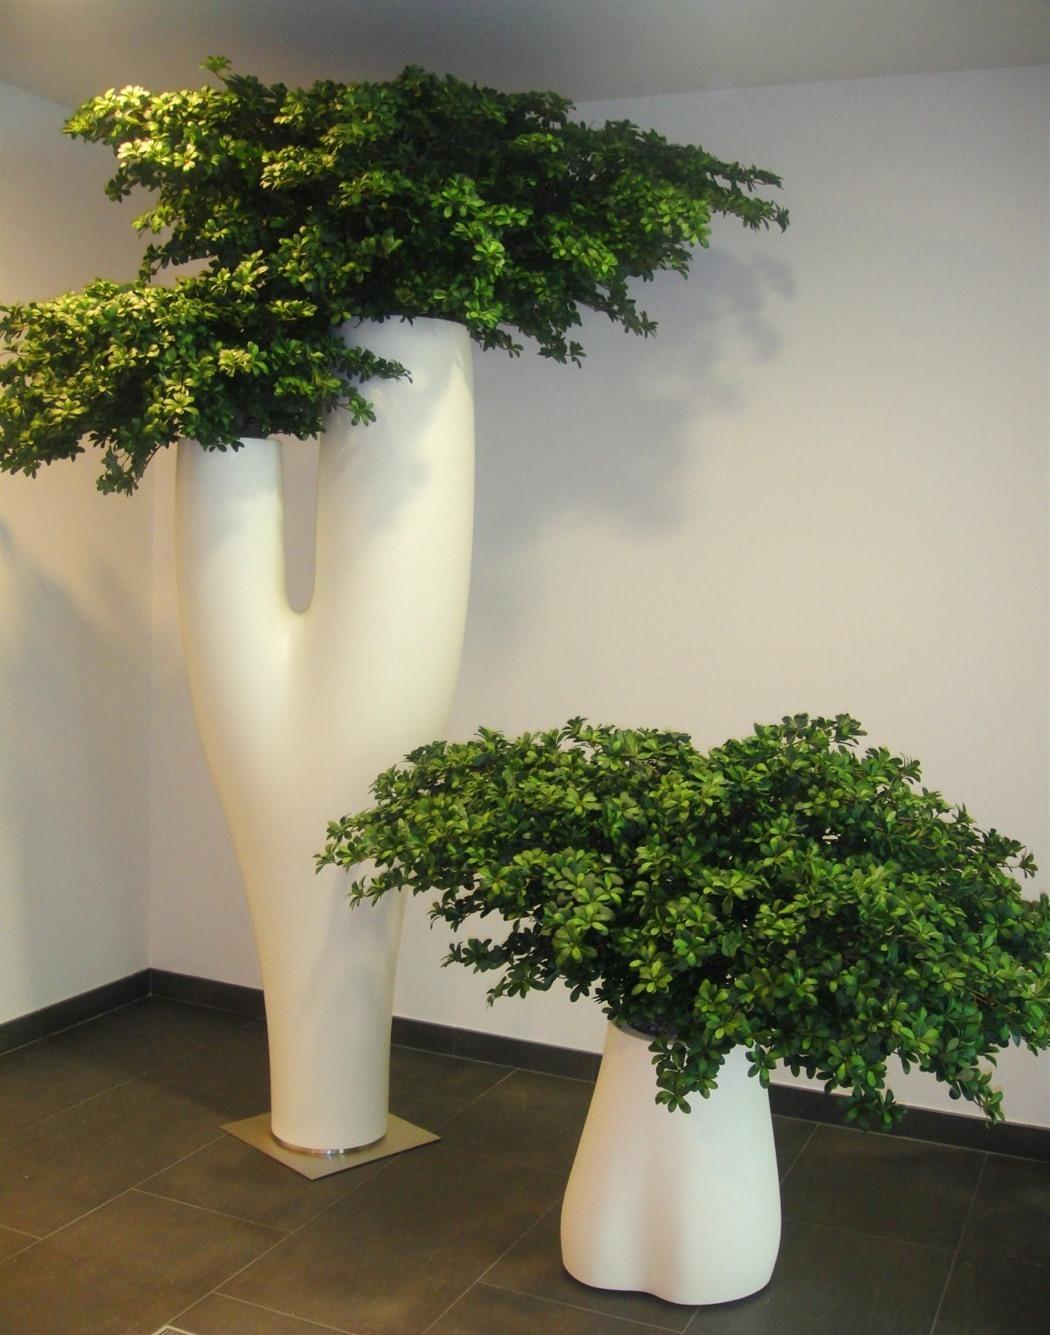 acheter ou louer des cacs plantes design. Black Bedroom Furniture Sets. Home Design Ideas